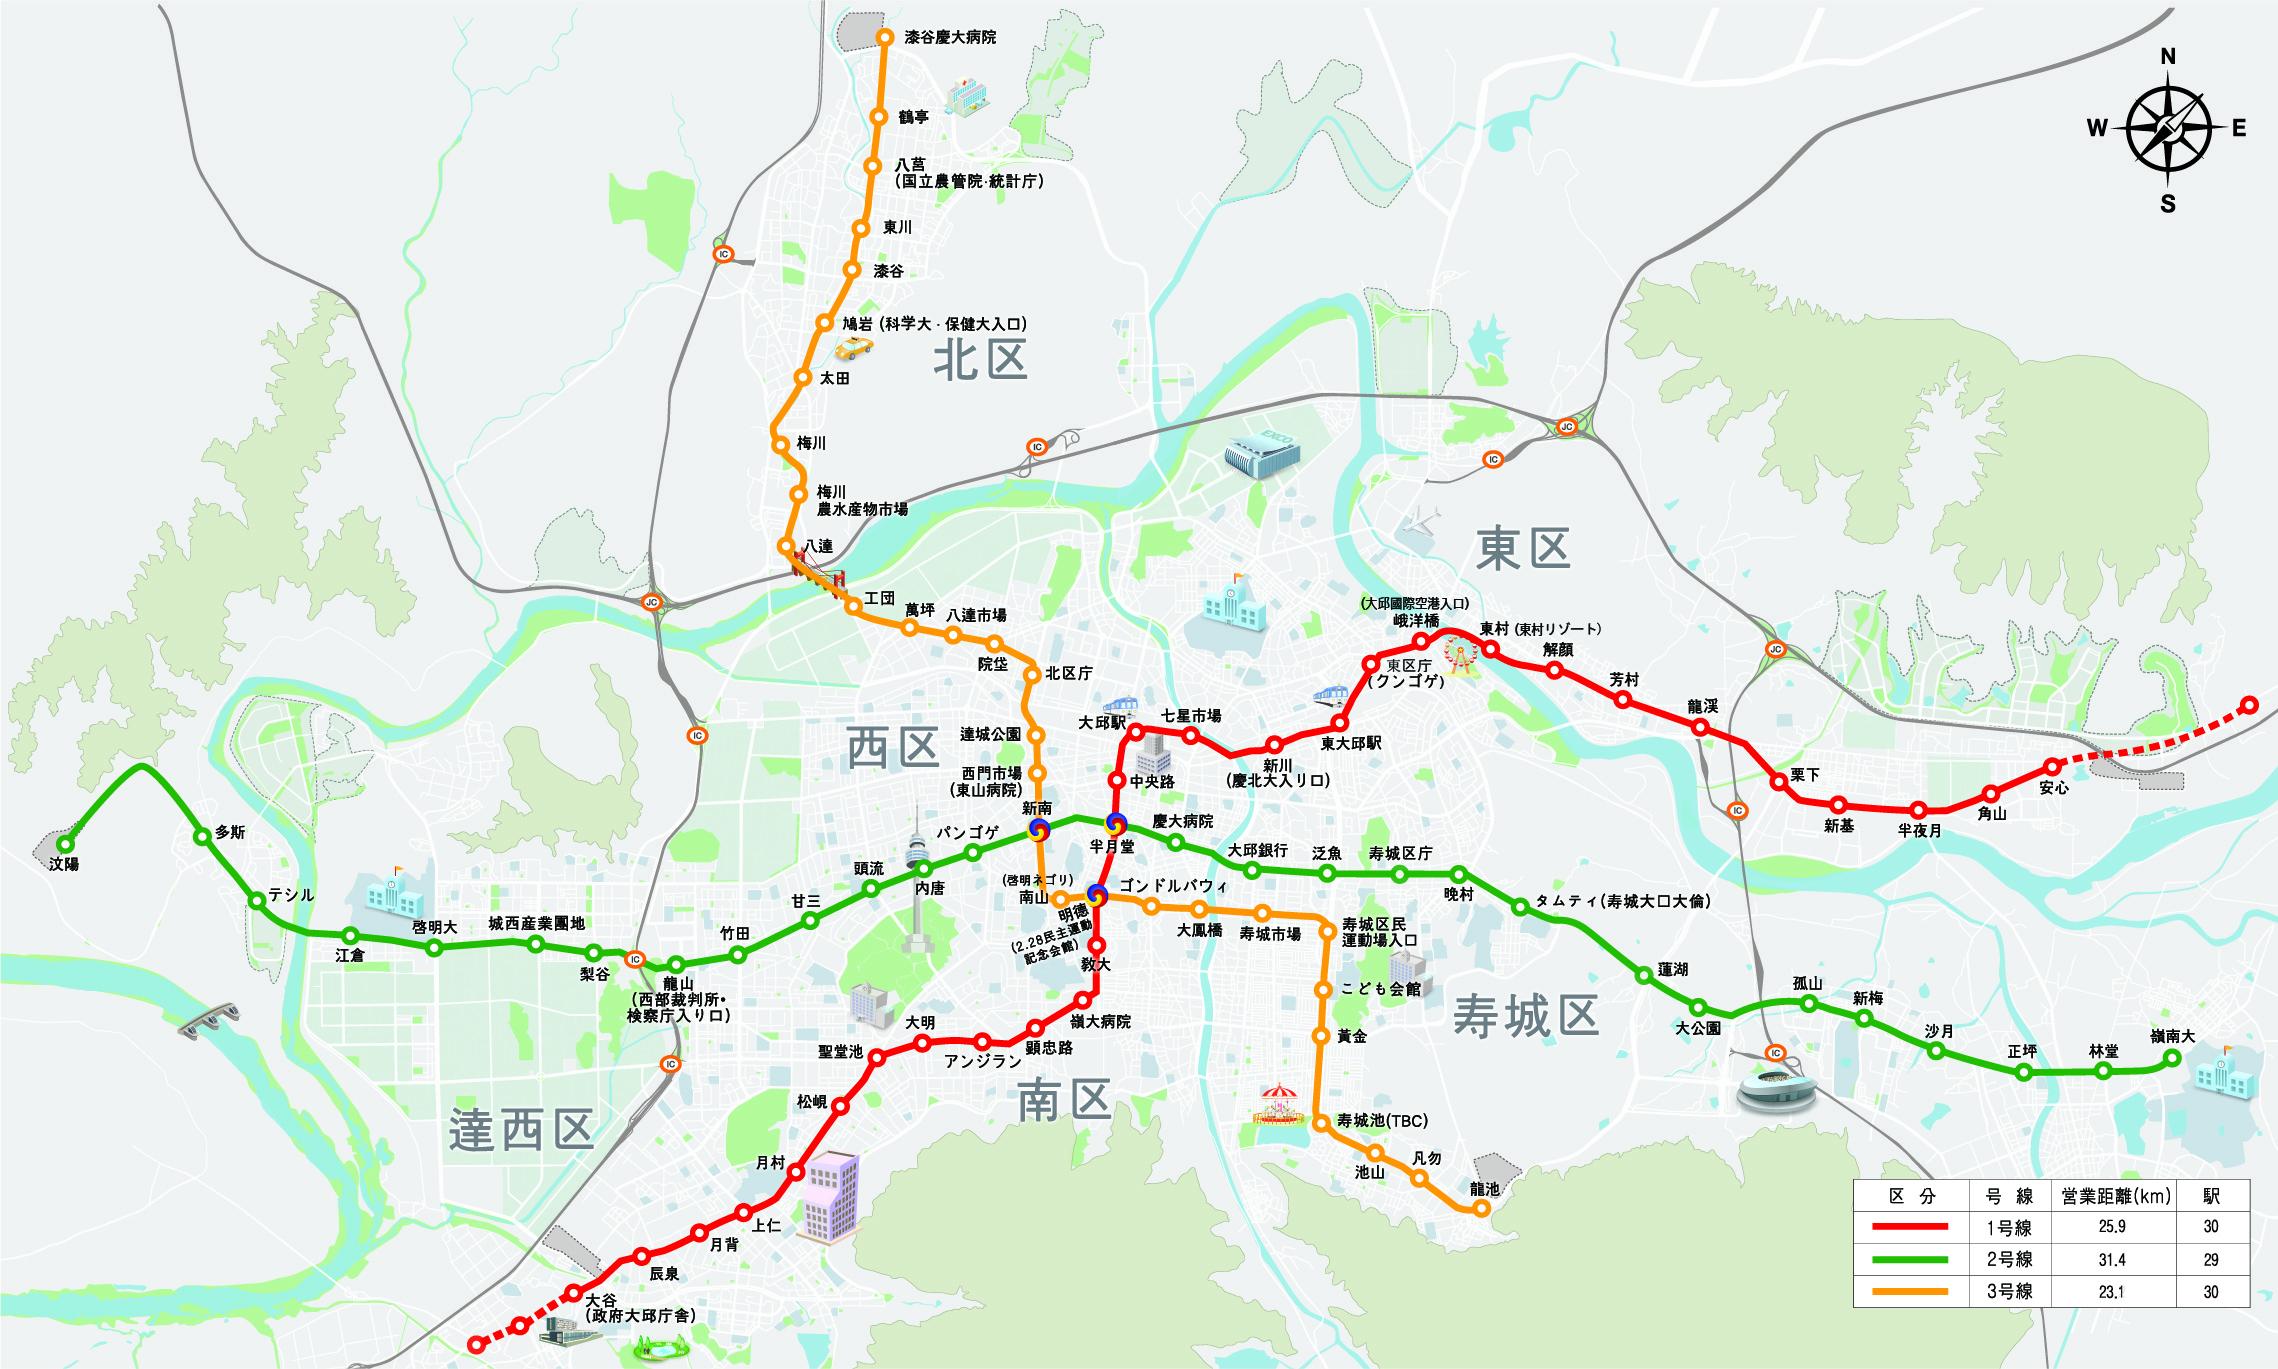 忠清圏広域鉄道